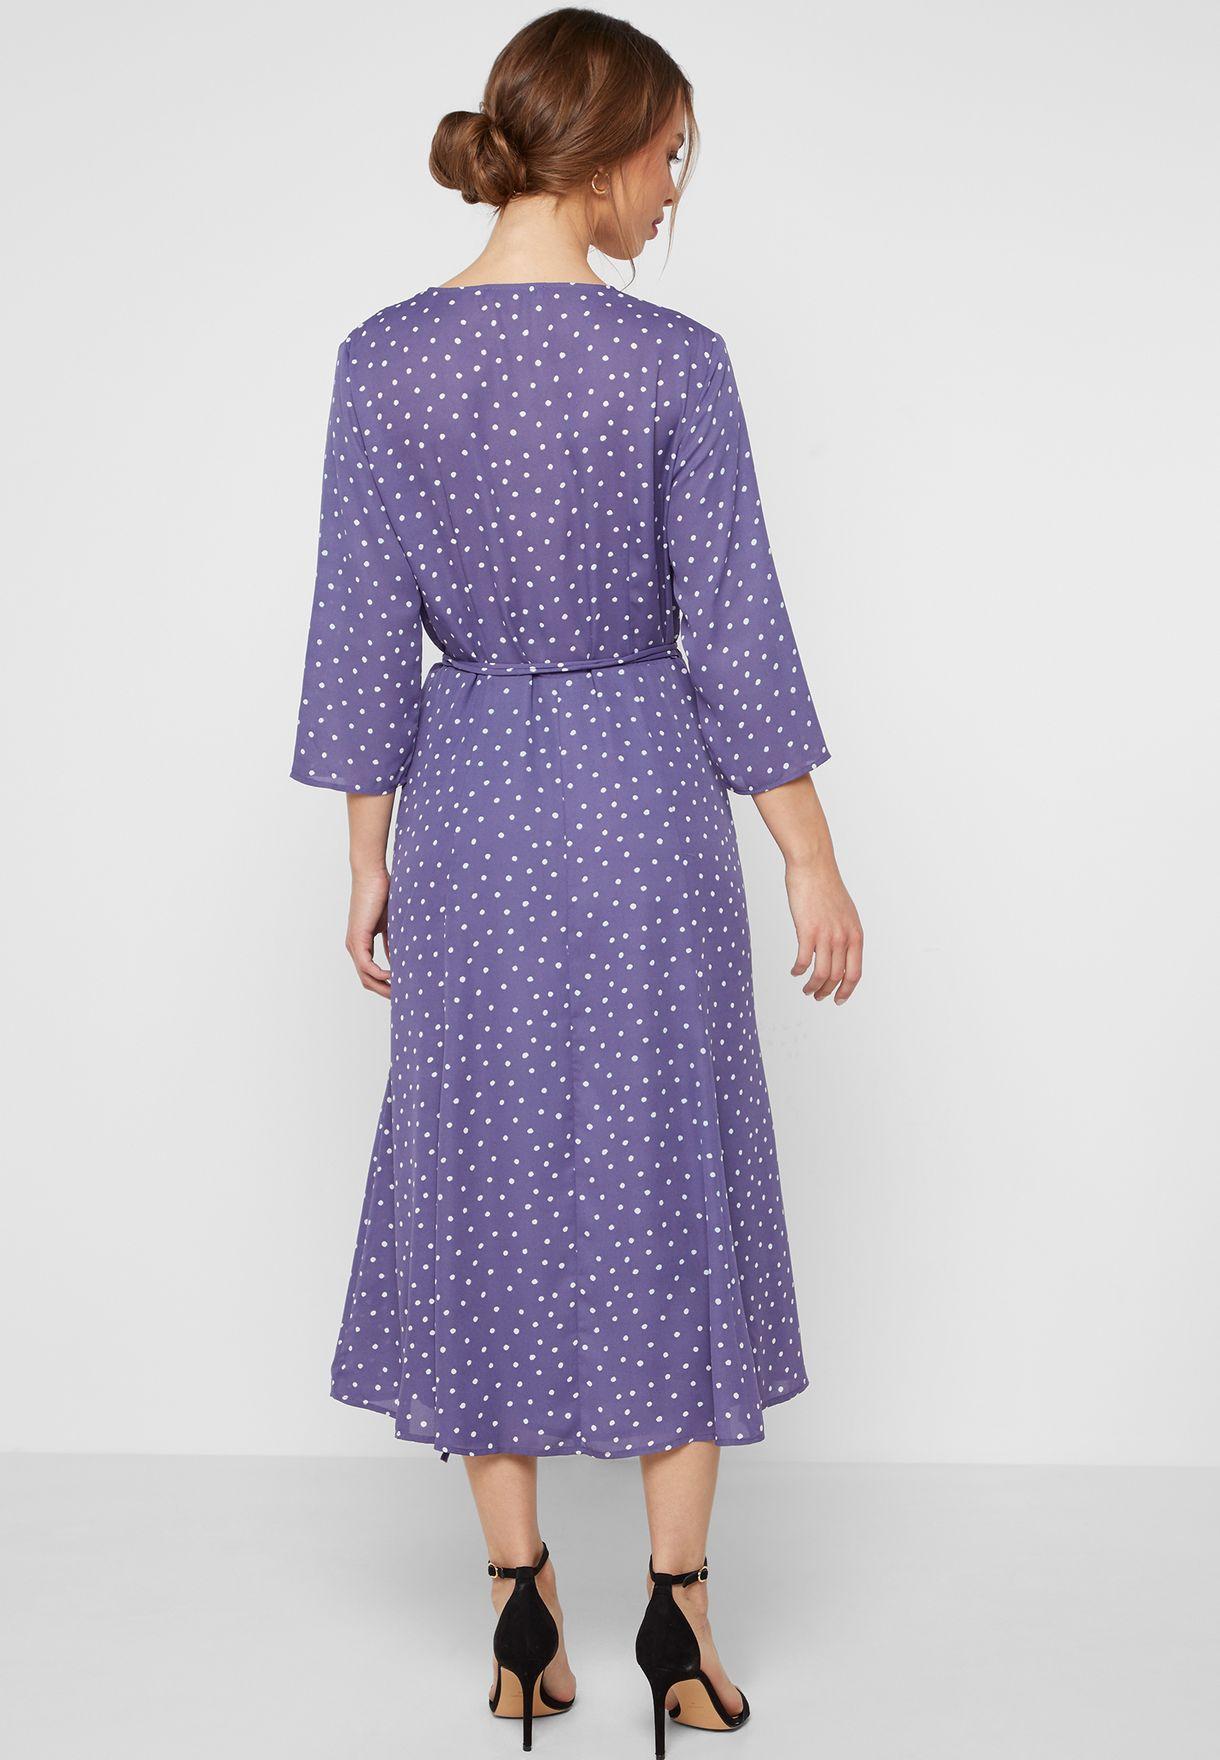 62d4377f30 Shop Mango prints Polka Dot Wrap Dress 43063714 for Women in ...